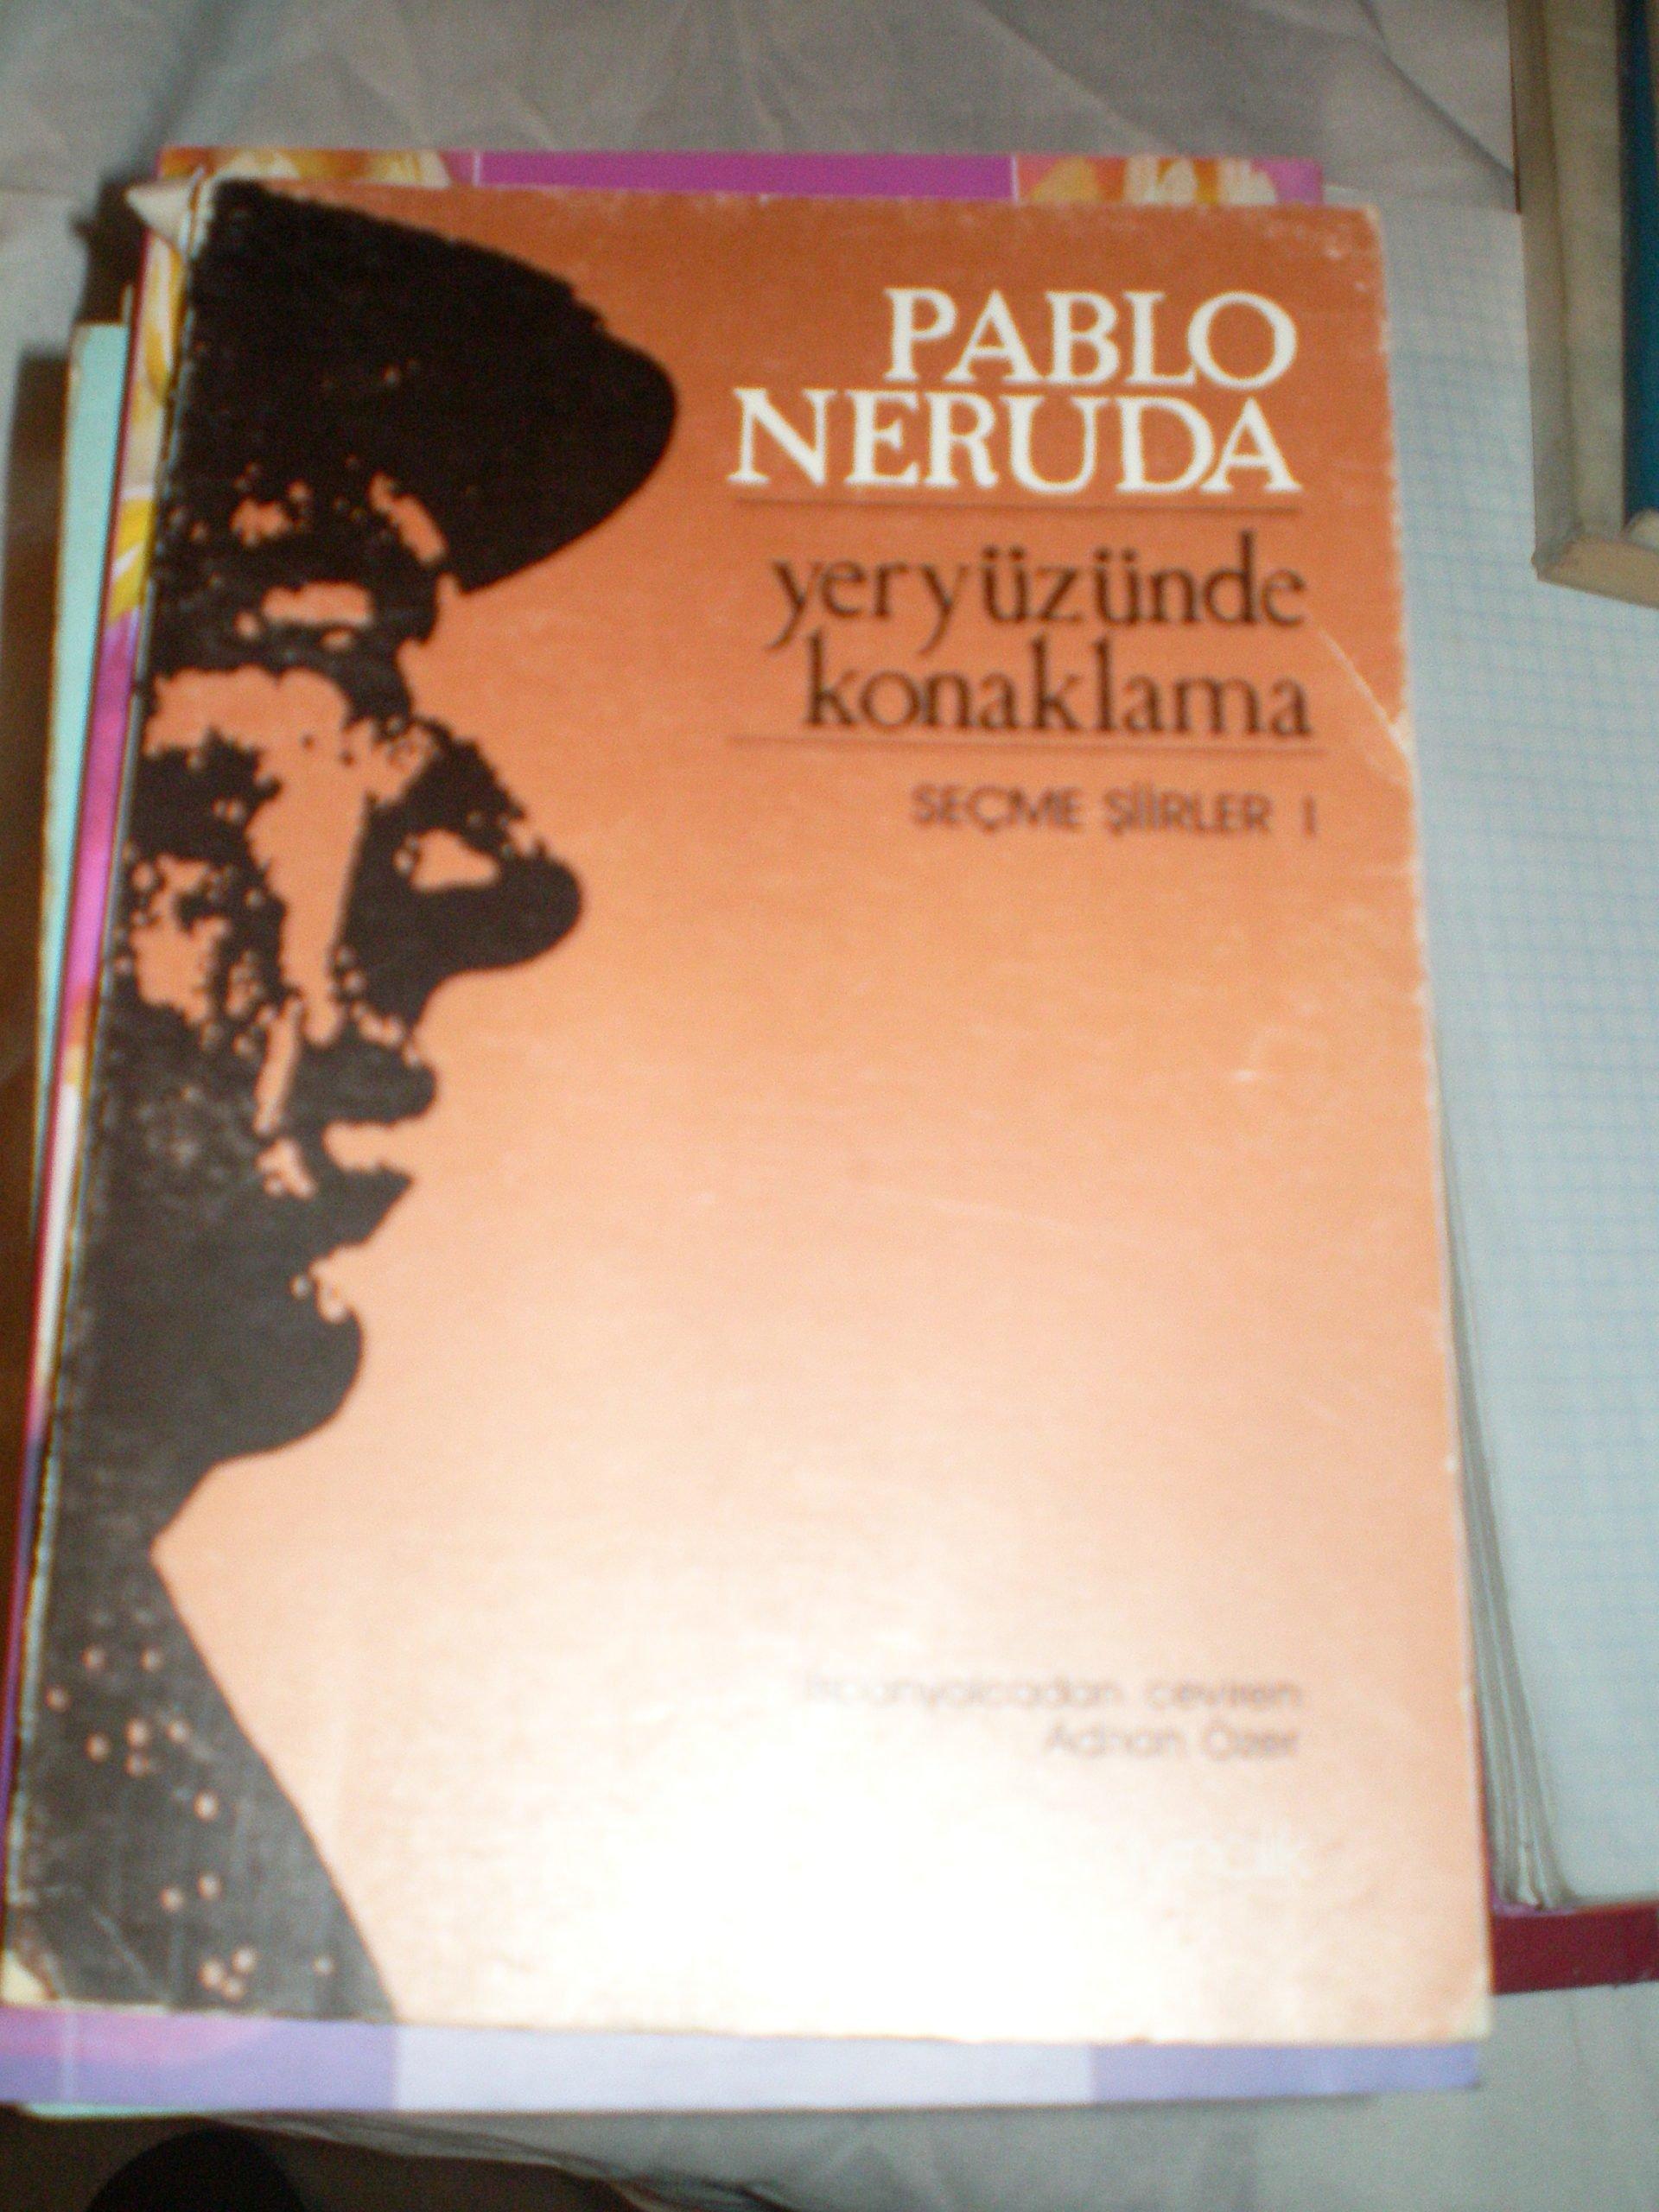 YERYÜZÜNDE KONAKLAMA/Pablo NERUDA/15 tl